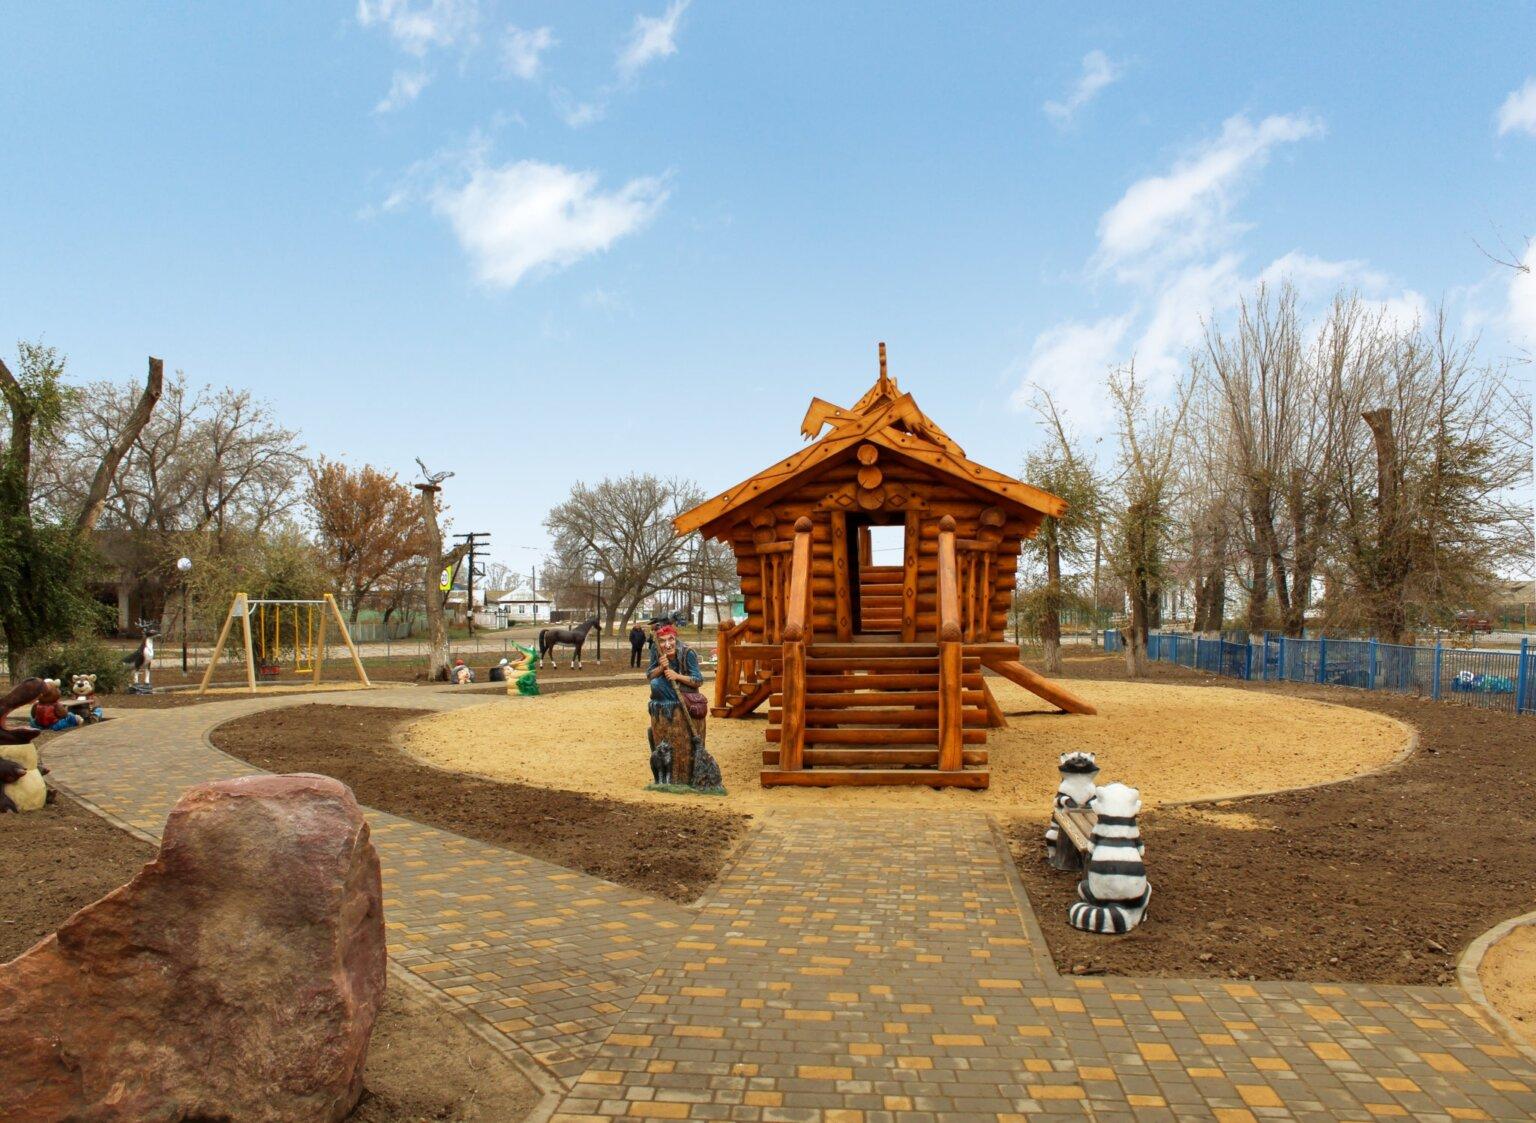 Детская площадка с резной скульптурой и избушкой на курьих ножках